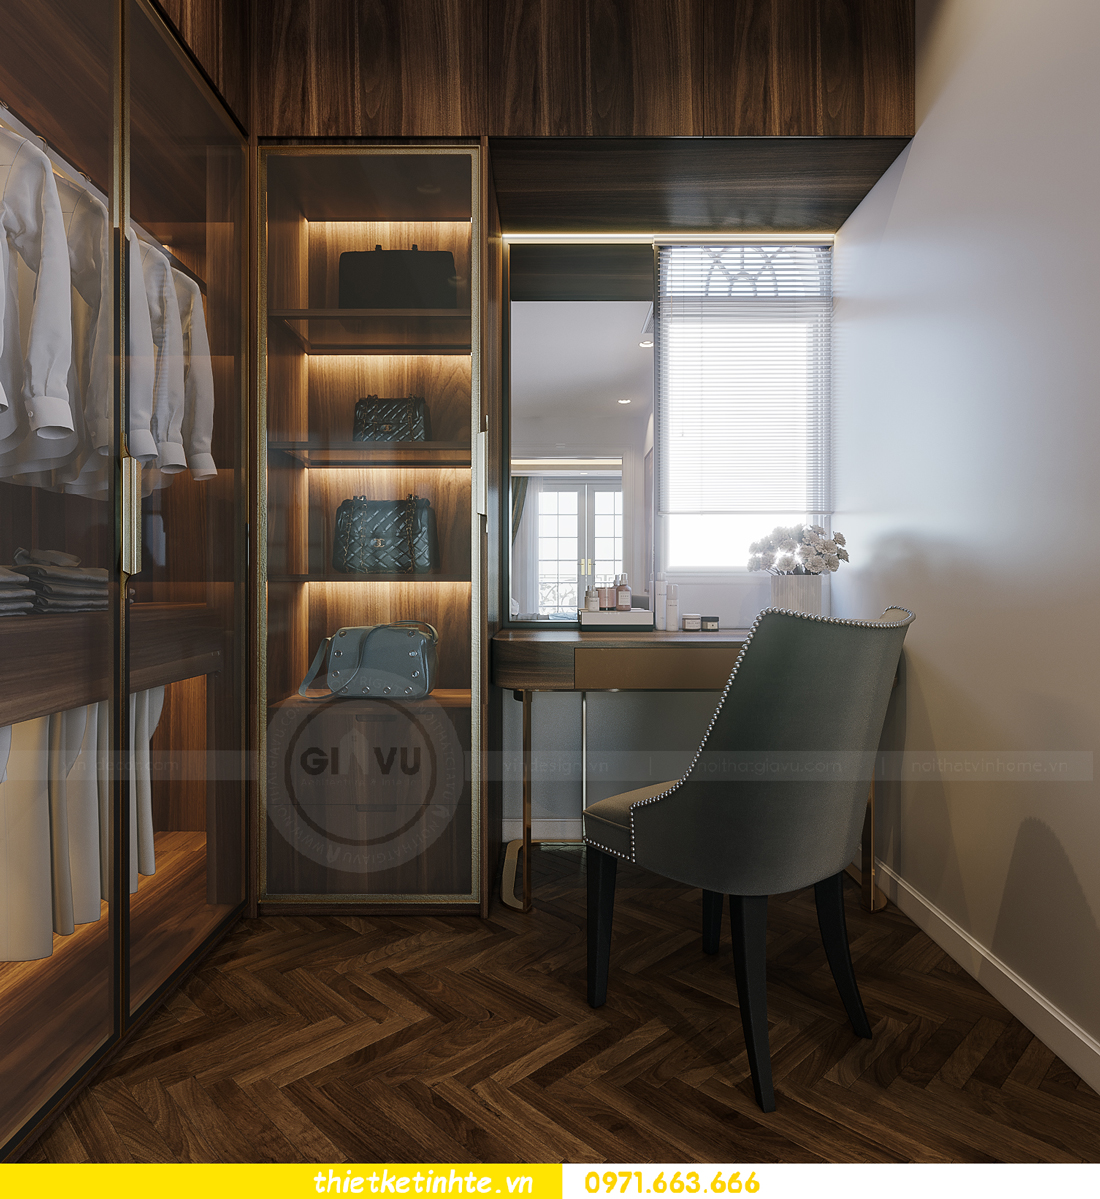 thiết kế thi công nội thất biệt thự Ngọc Trai Vinhomes Ocean Park 13